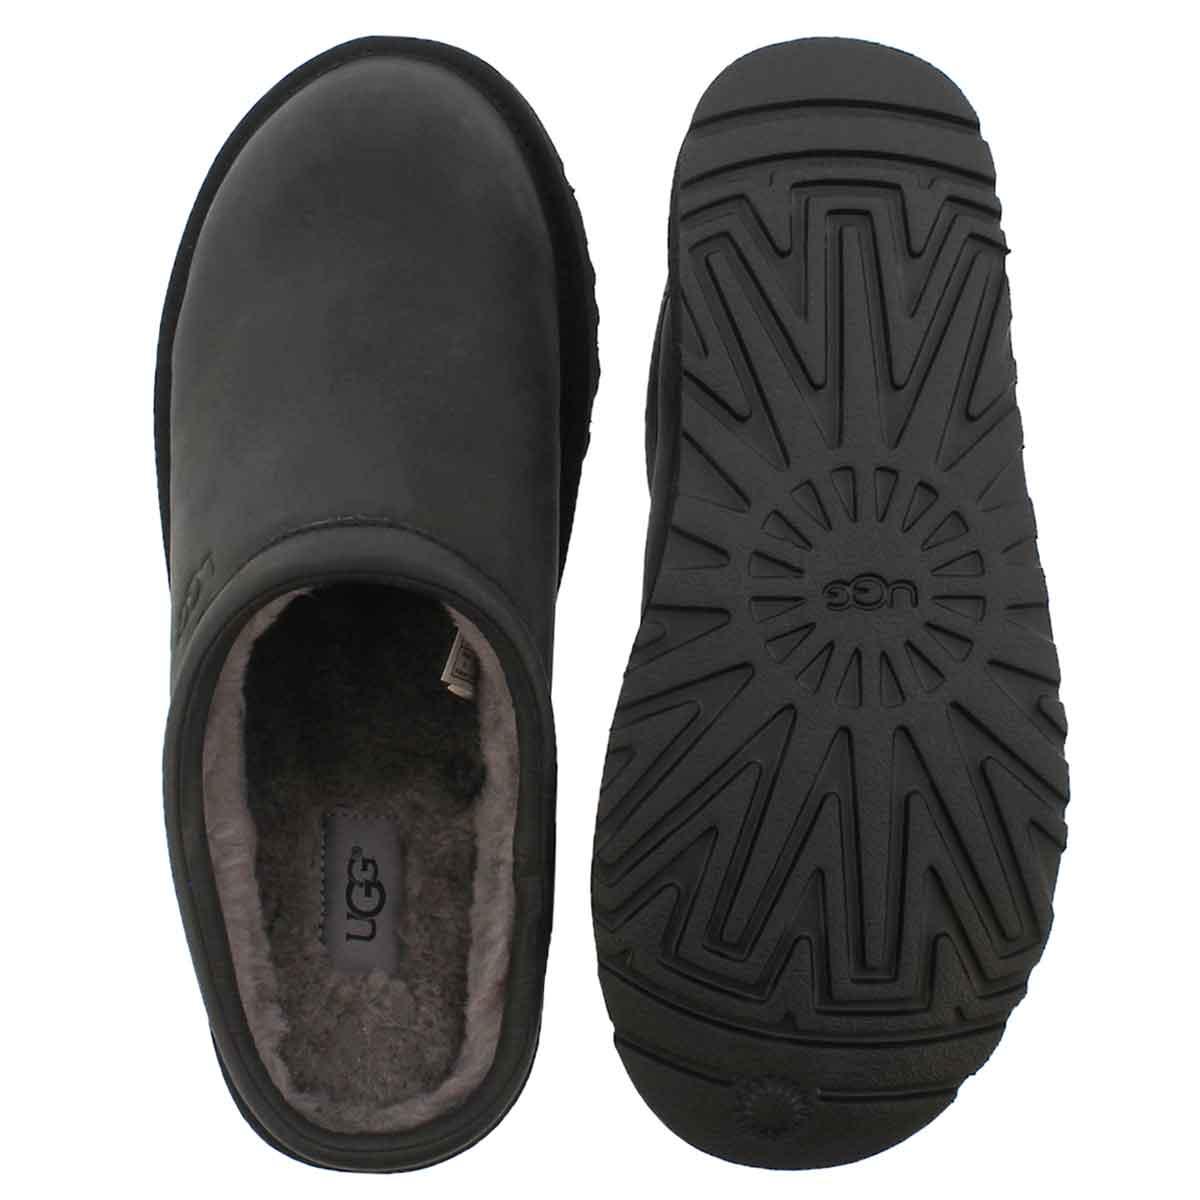 Mns Classic black casual clog